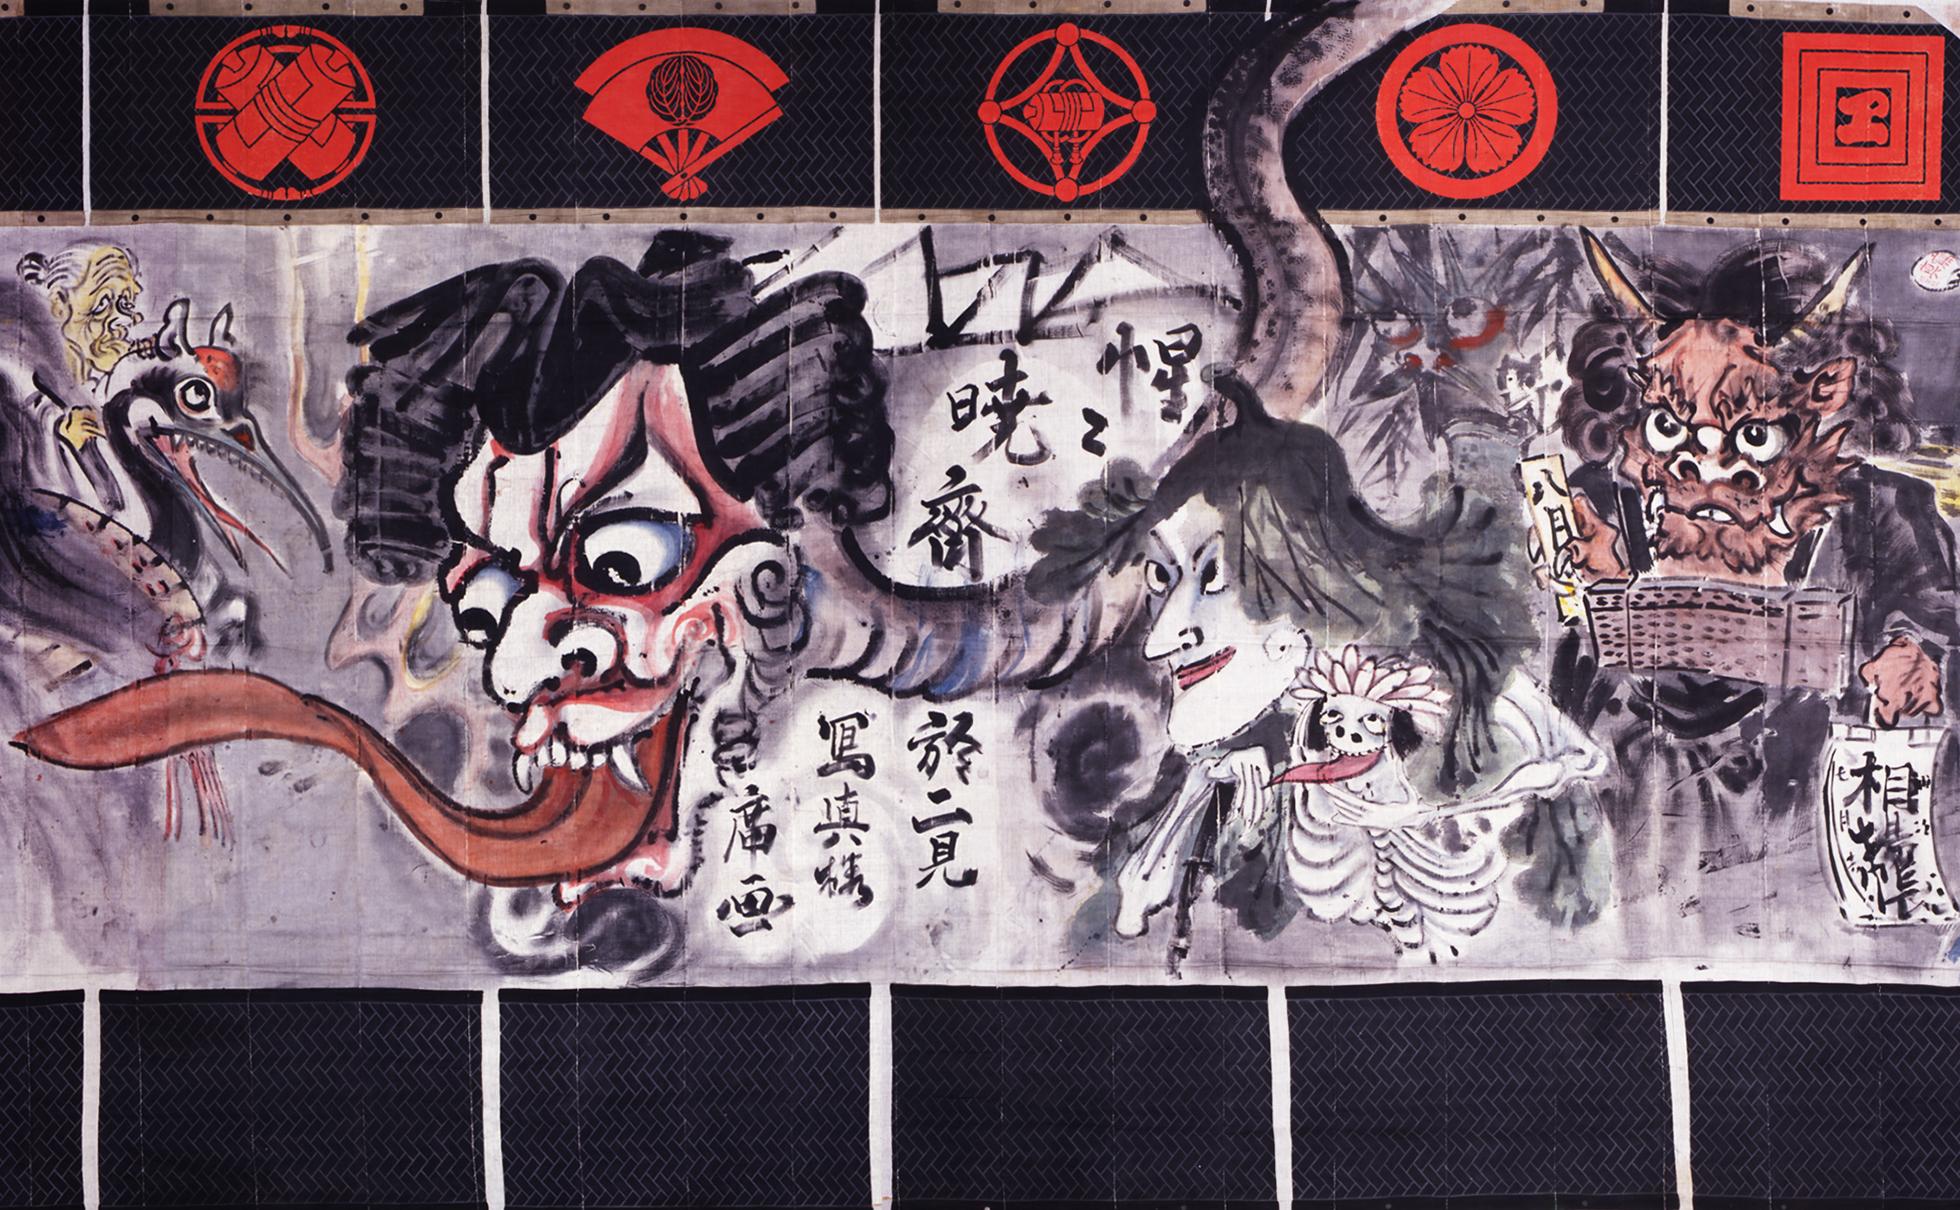 xTop-image-Kyosai-Kabuki-curtain-blog.jpg.pagespeed.ic.cE1bRU3Mt0.jpg